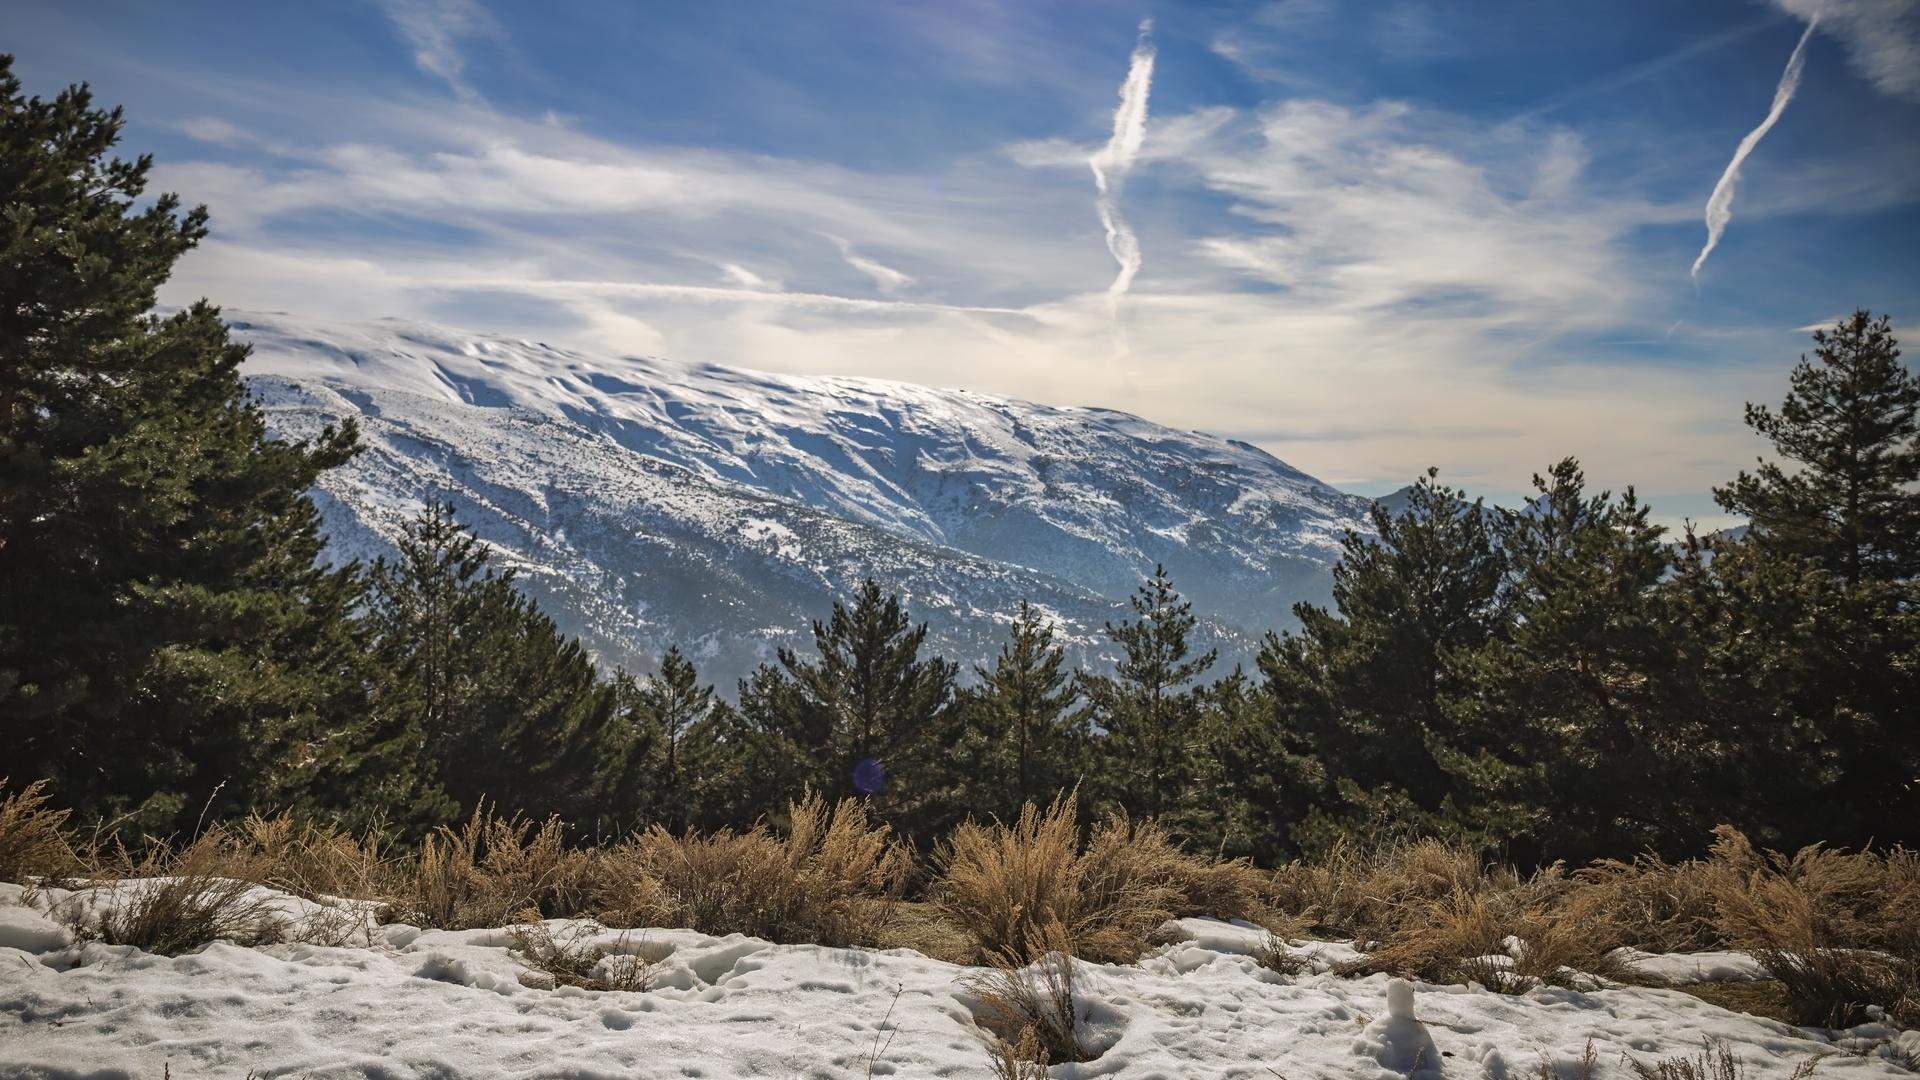 сьерра-невада, андалузия, испания, пейзаж